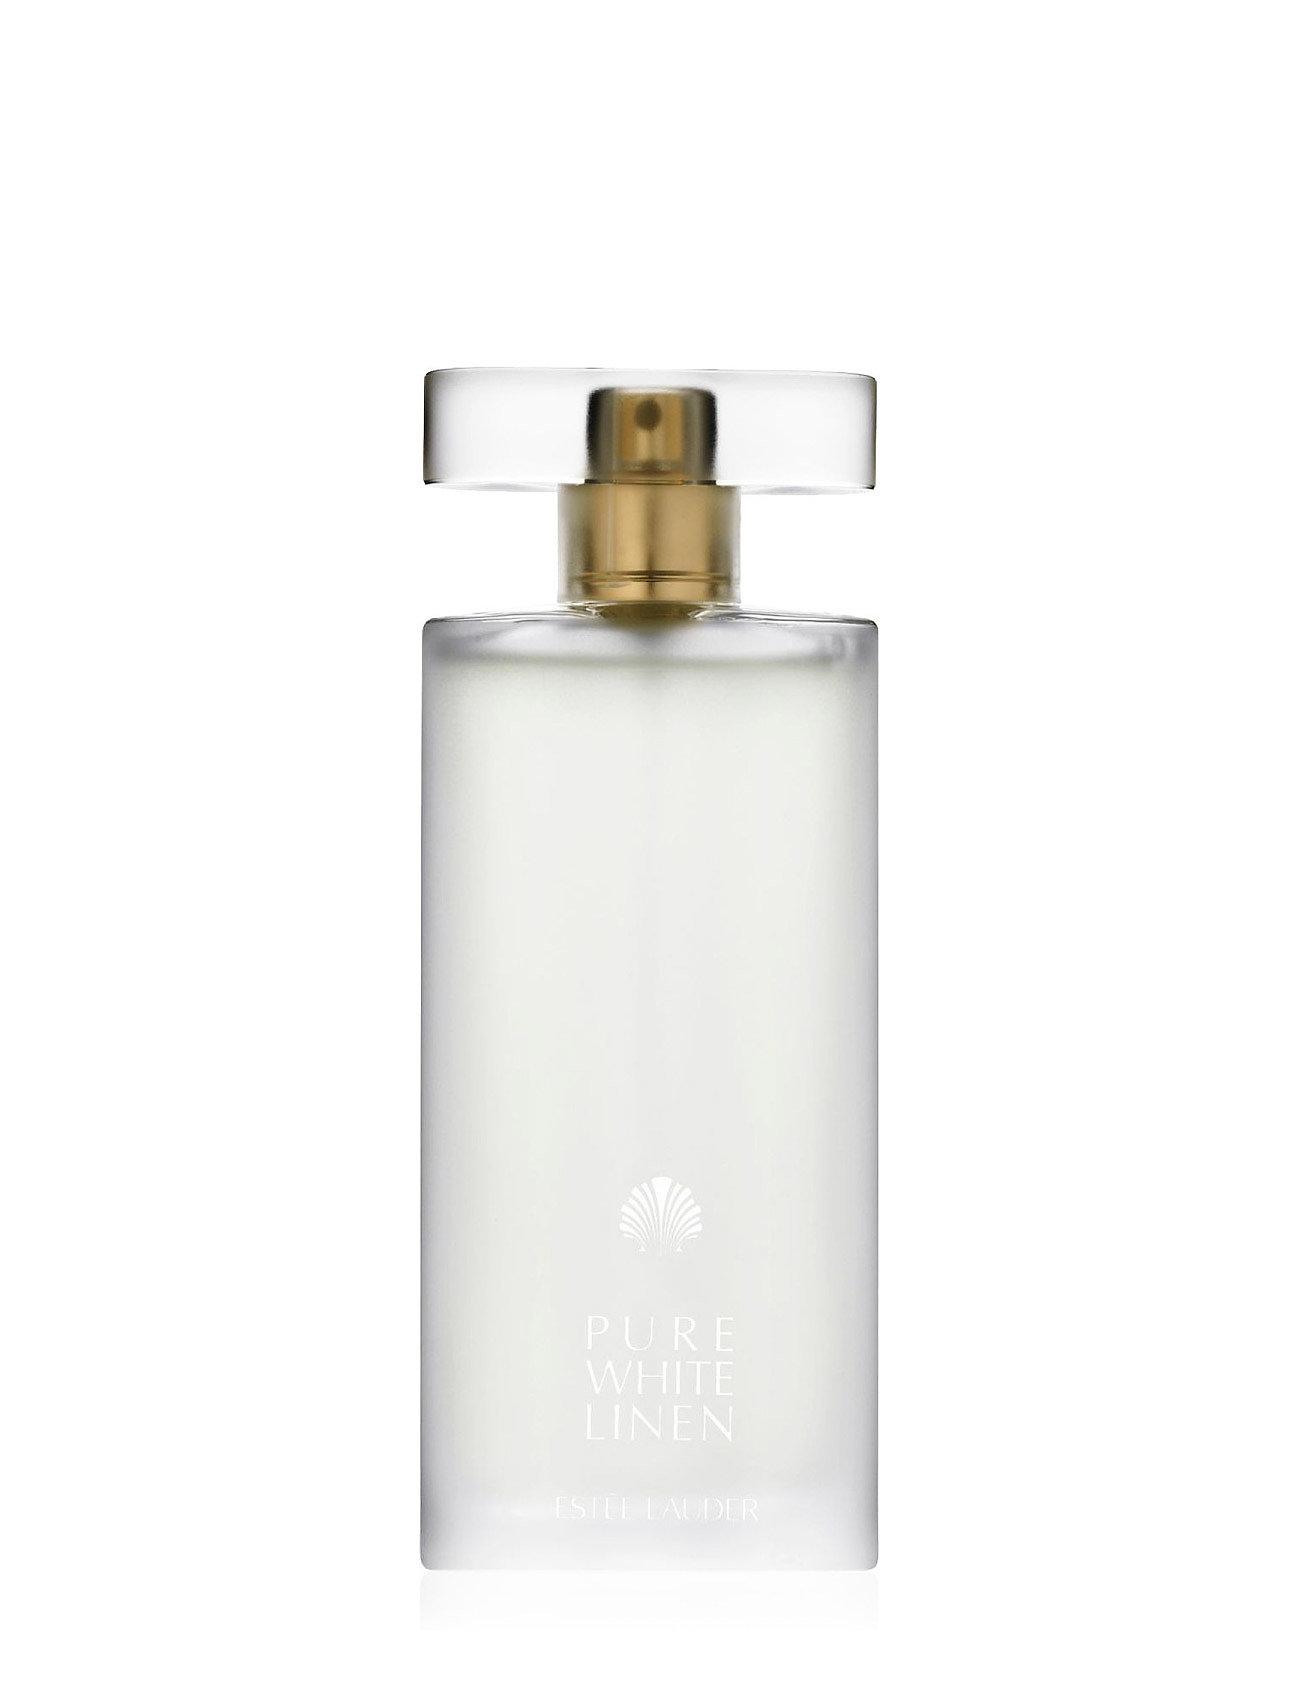 Pure White Linen Eau De Parfum Spray EstÈe Lauder  til Damer i Klar